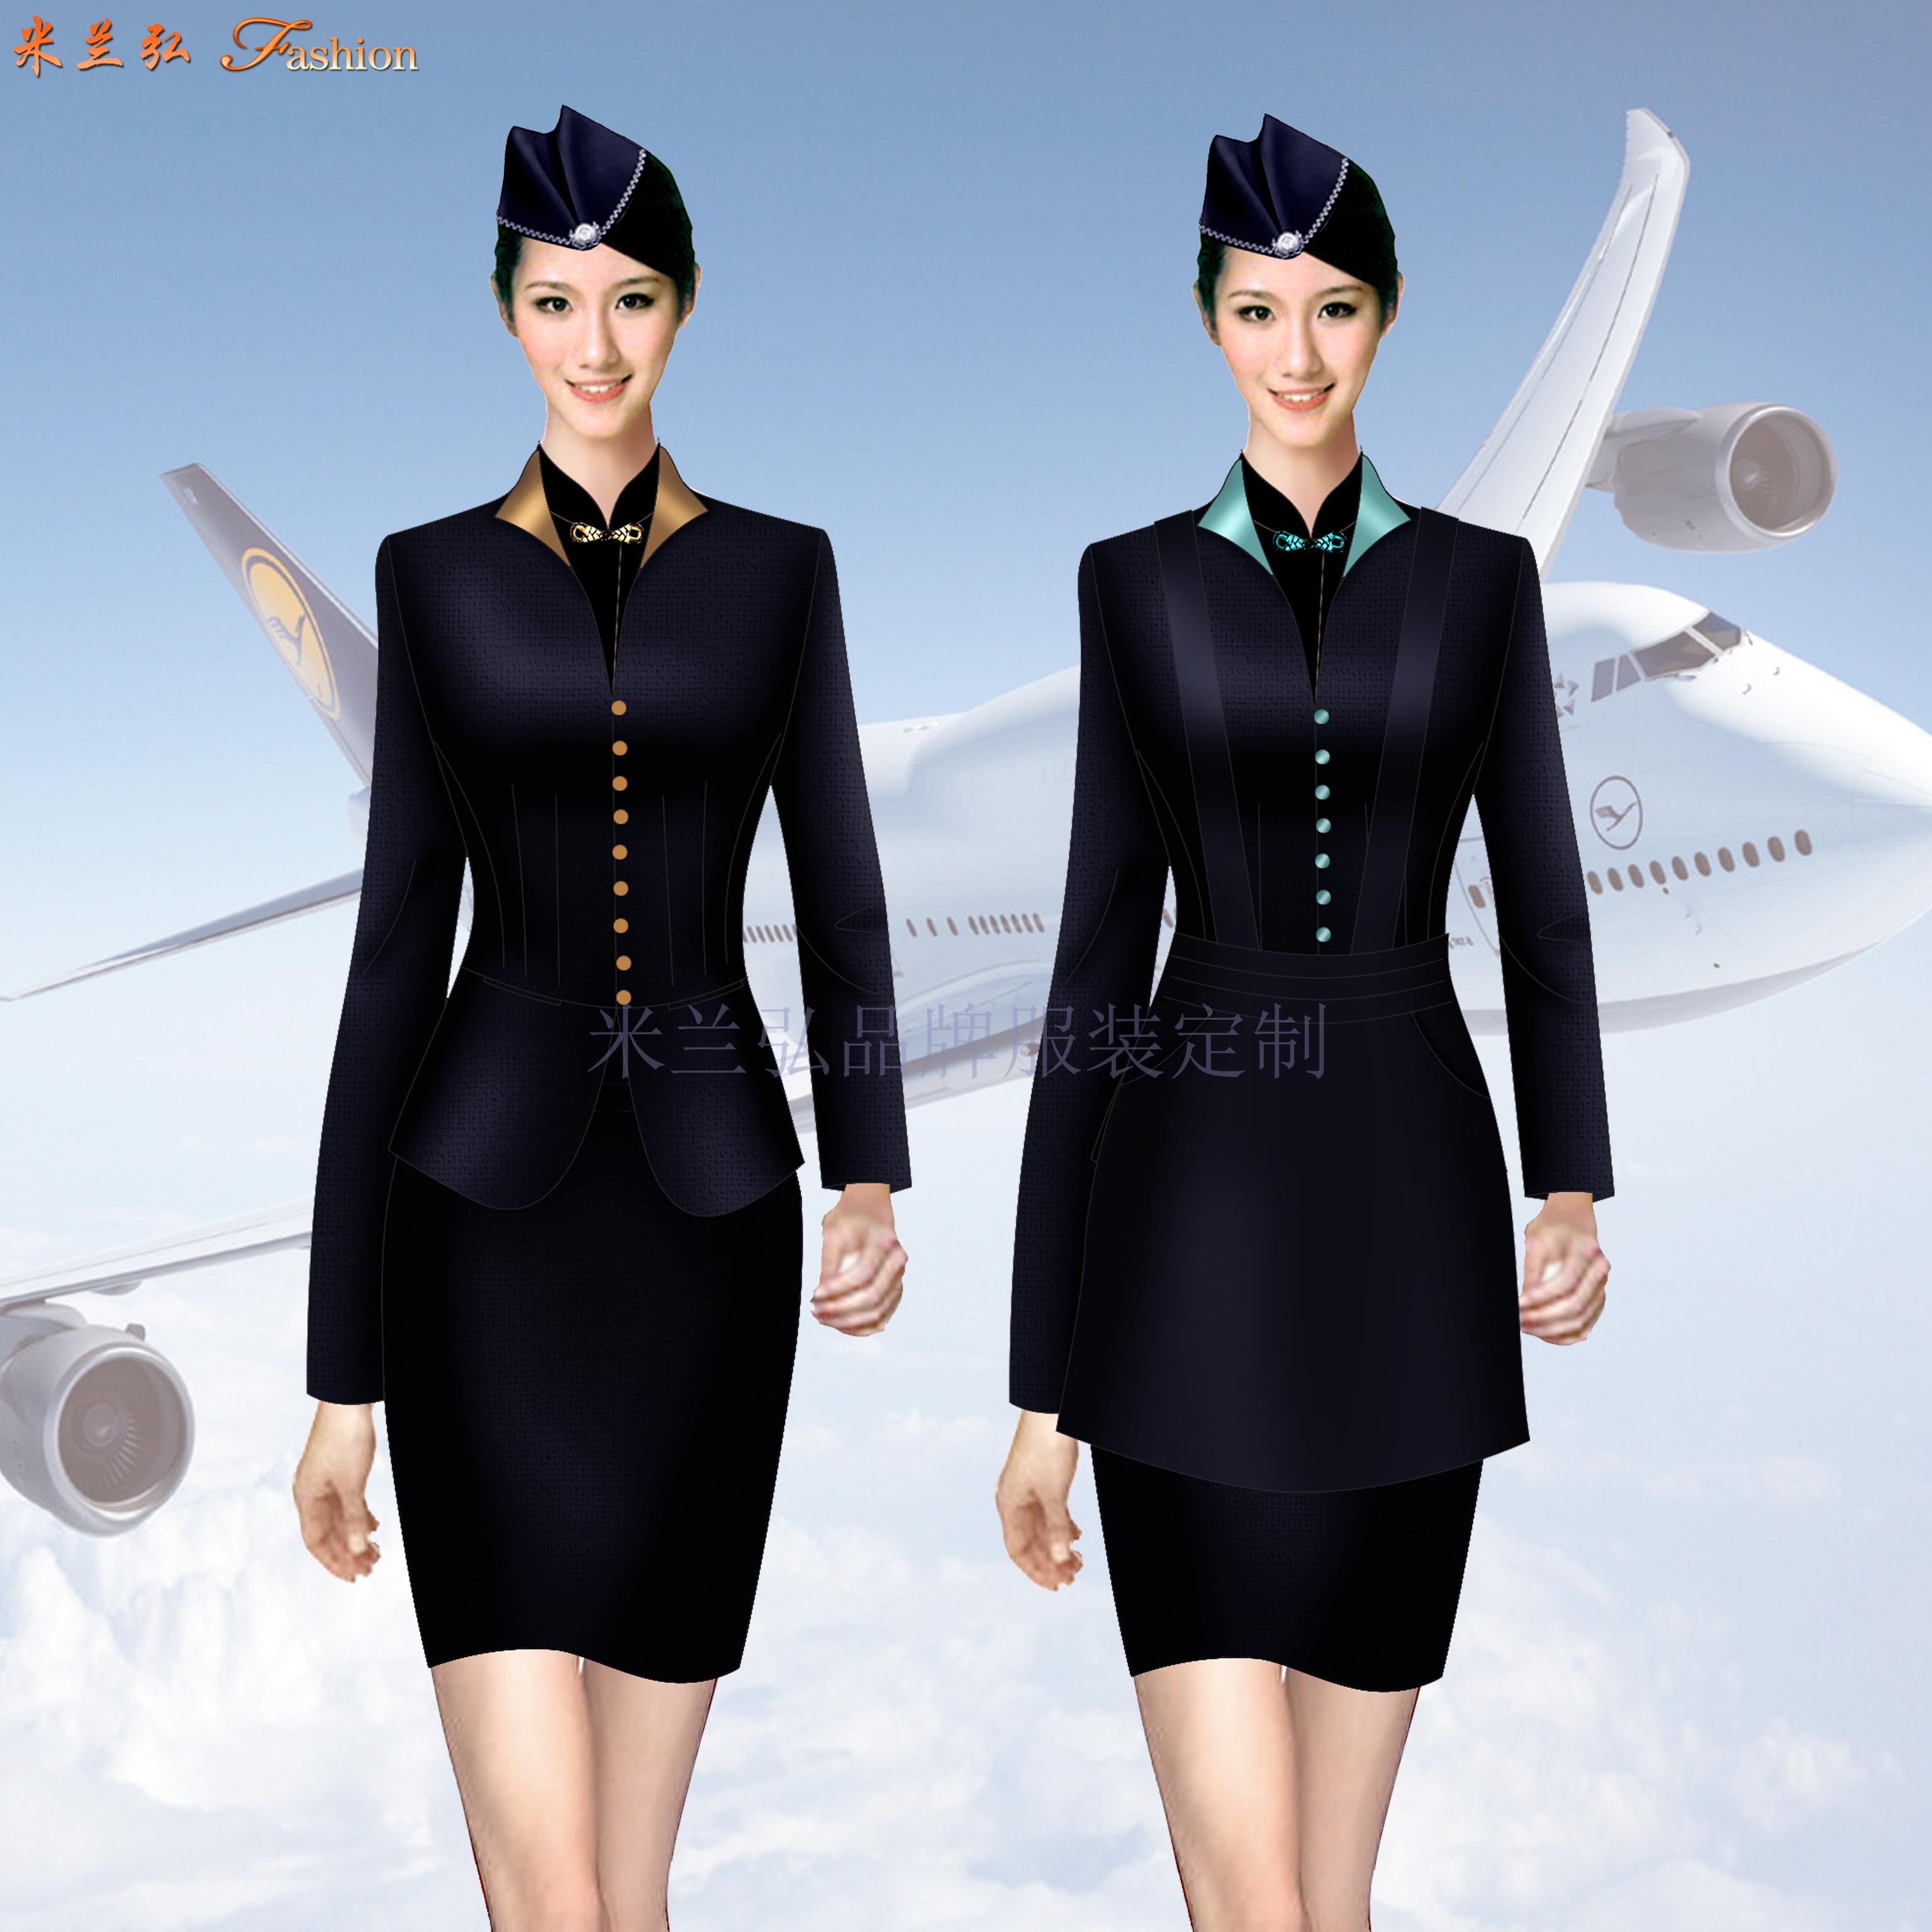 「廊坊空姐服定做」「广阳空姐服定制」「安次空姐服订制」-5